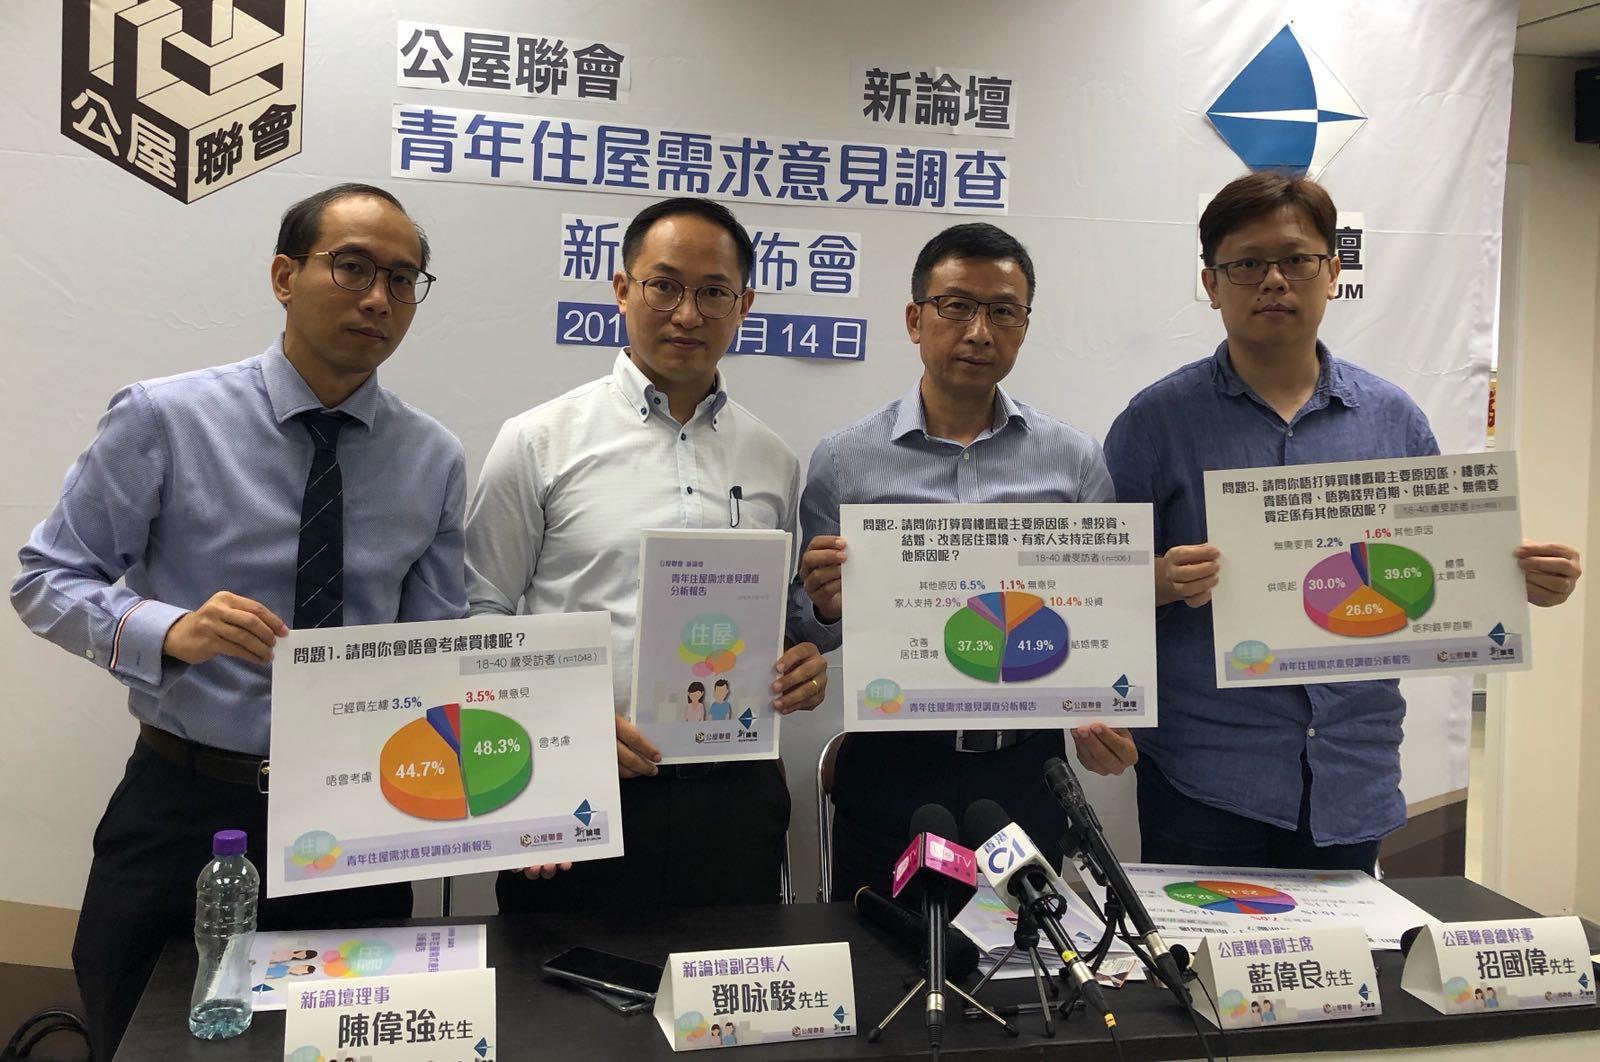 公屋聯會與新論壇在5月9日至28日,進行了一項關於住屋需求意向的意見調查。